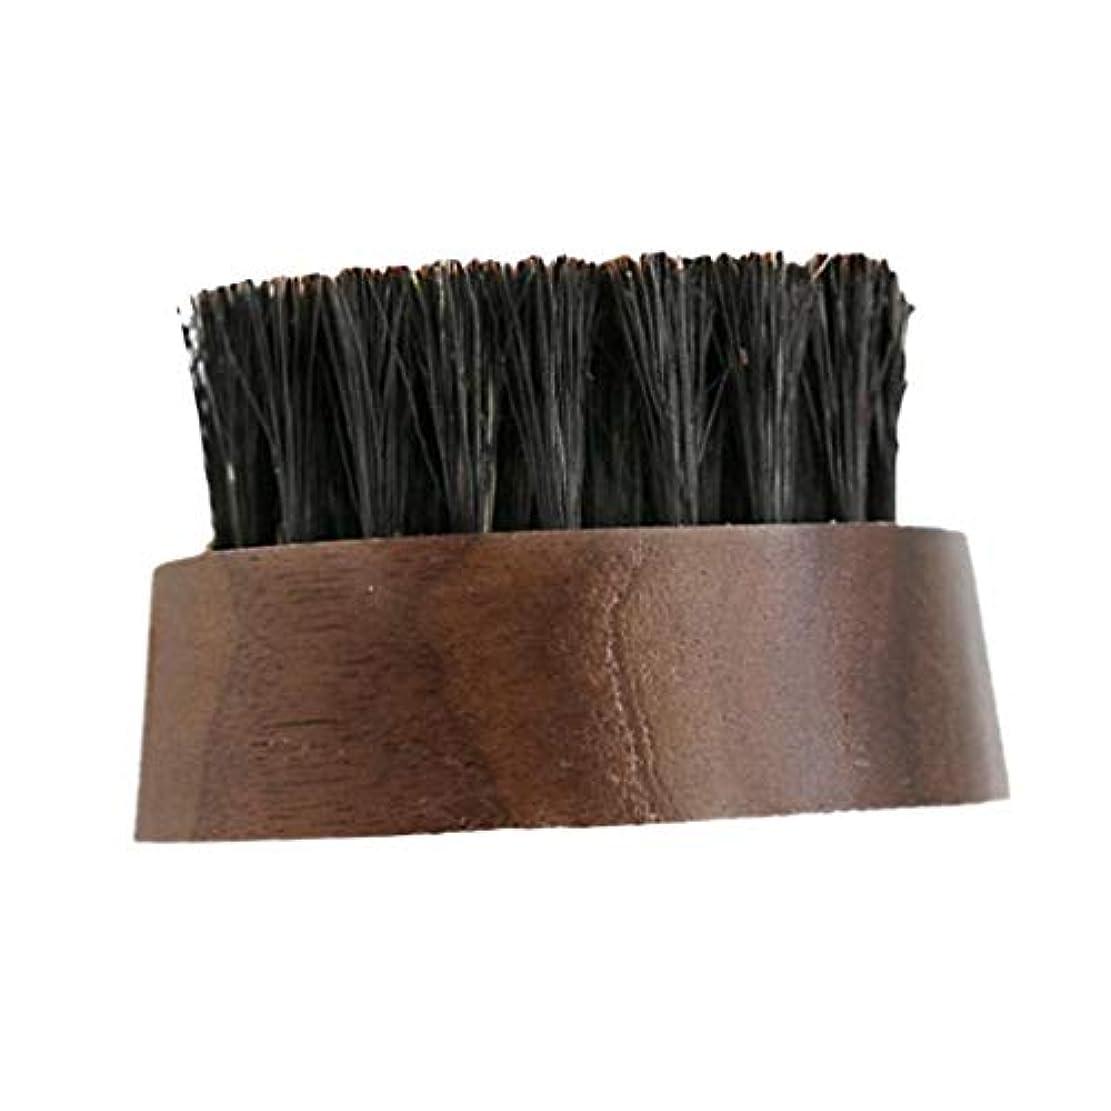 チーフ橋脚受け入れたdailymall 柔らかい毛ブラシシェービング木製ハンドル理髪ツール顔クリーナーブラシを剃る男性 - 褐色, 説明したように